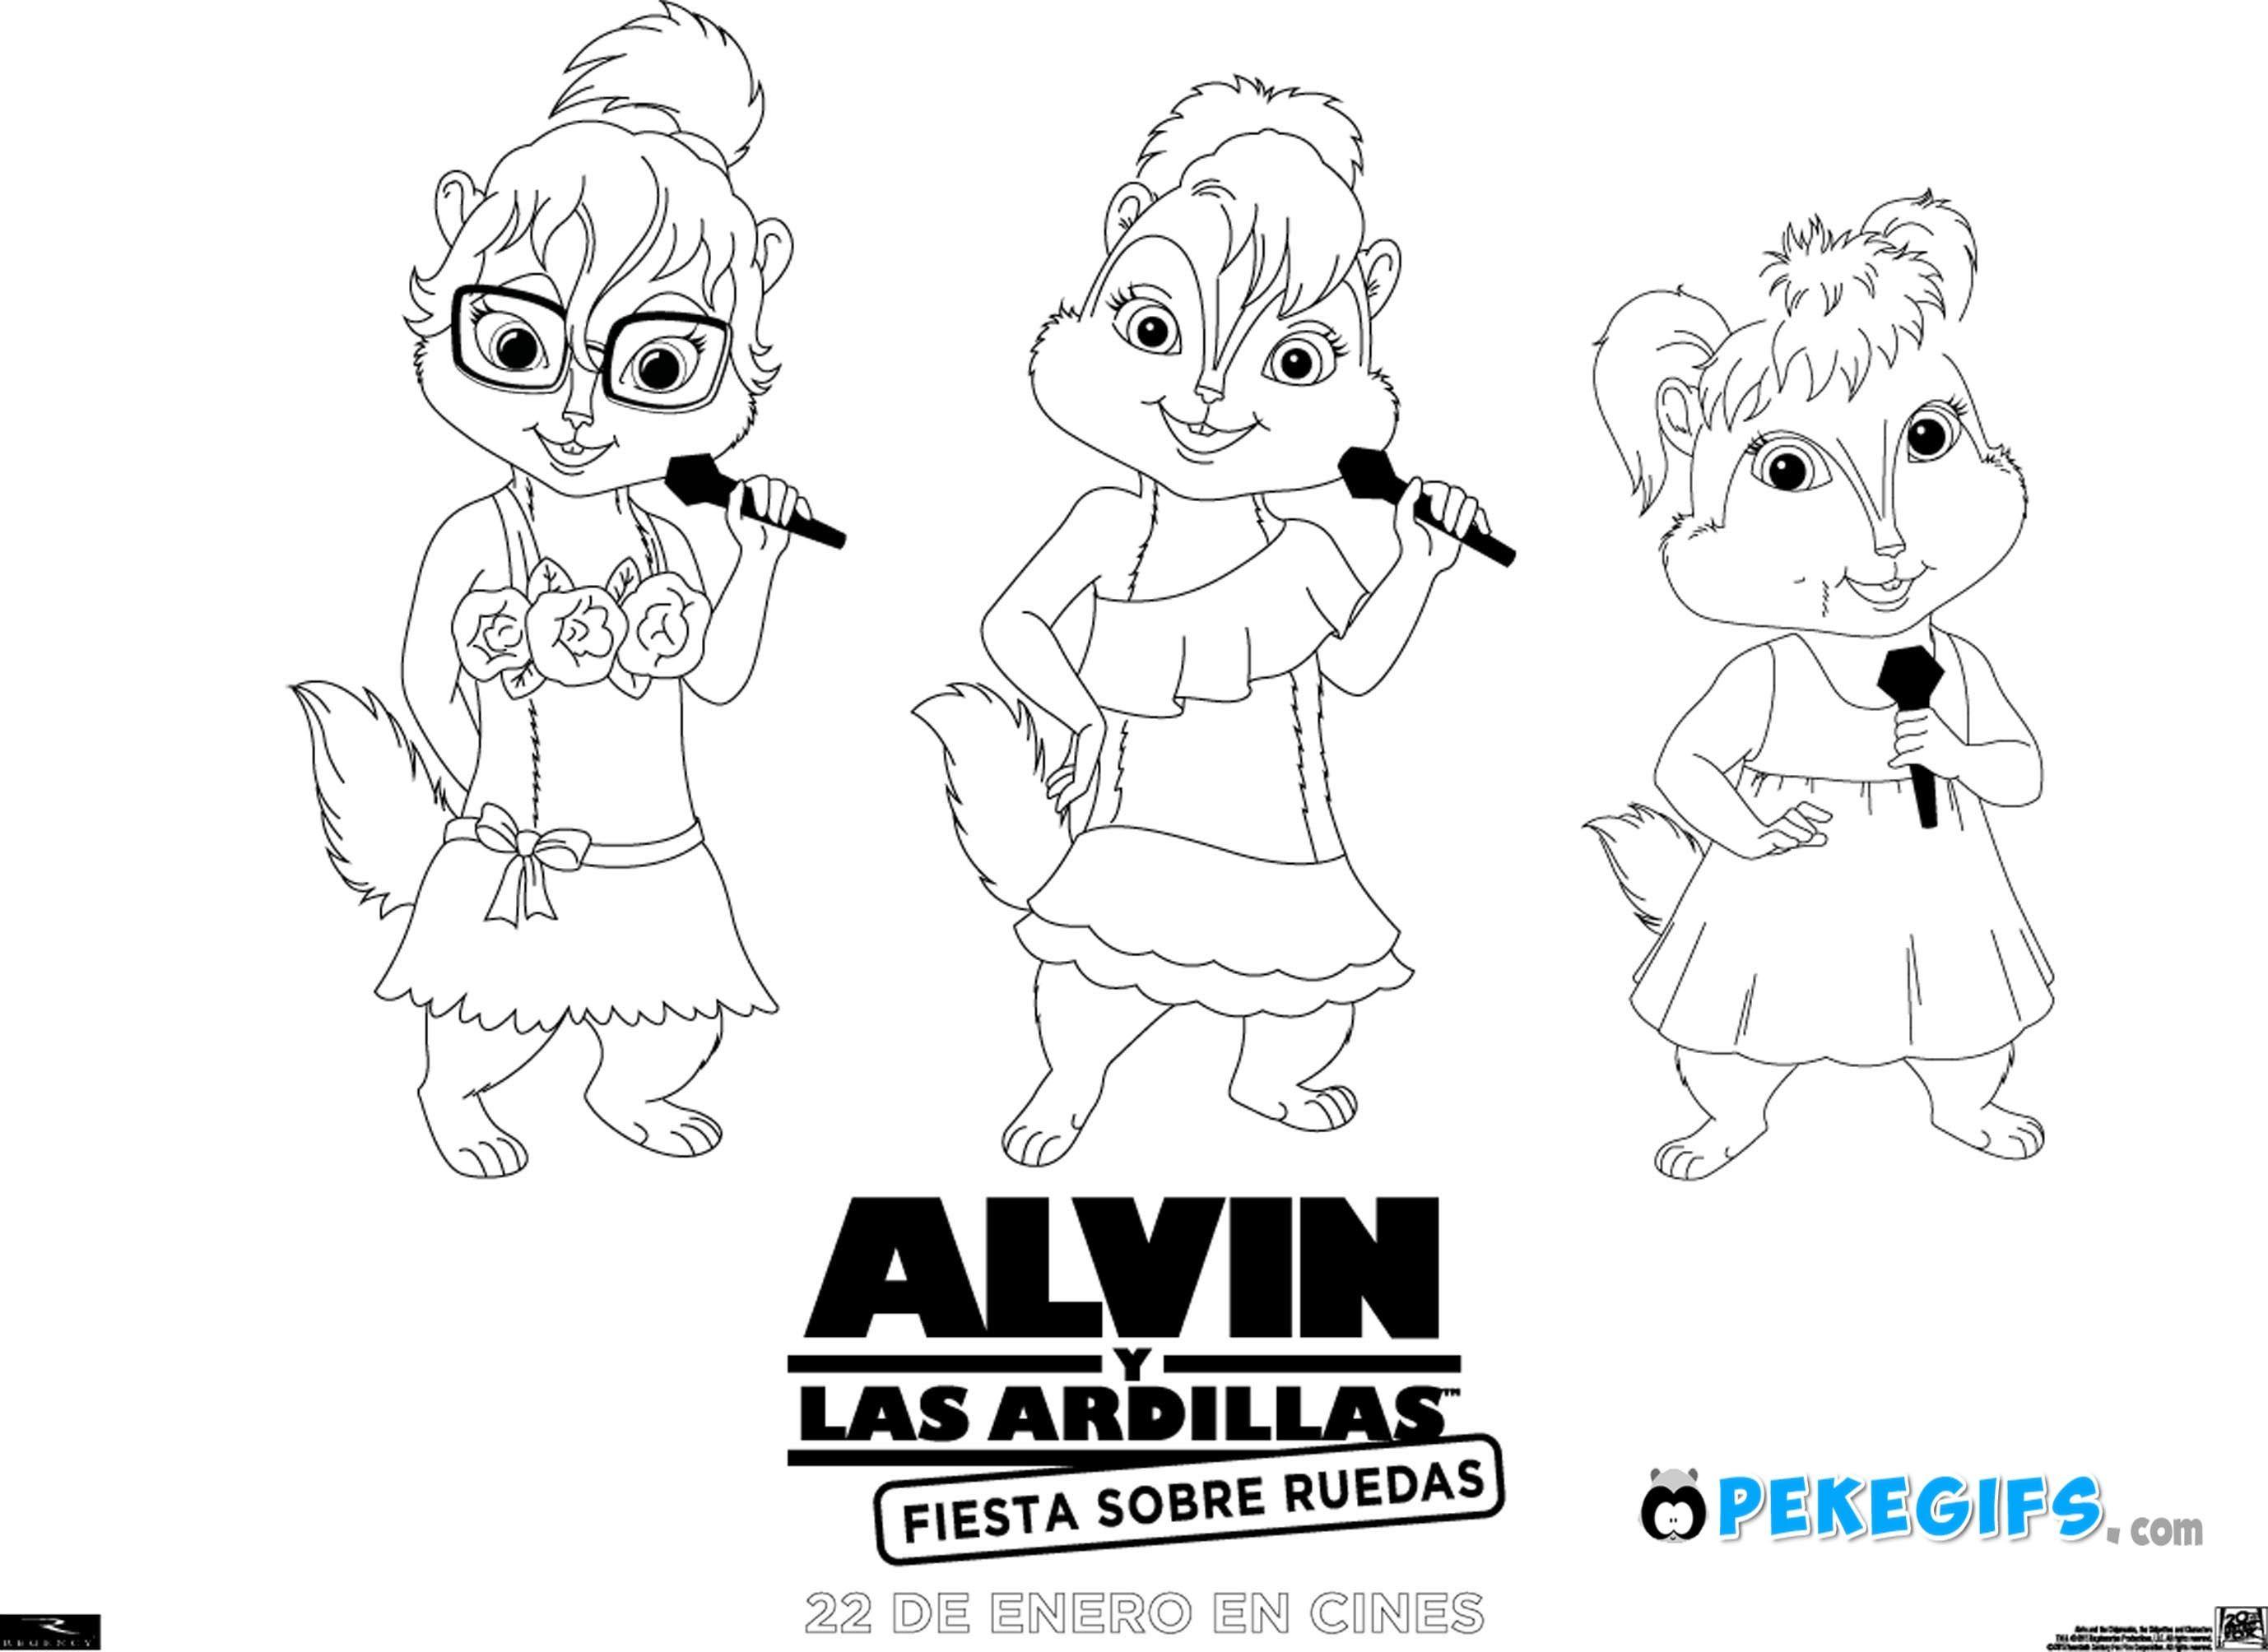 Dibujo Colorear Alvin Y Las Ardillas Fiesta Sobre Ruedas Dibujo 2